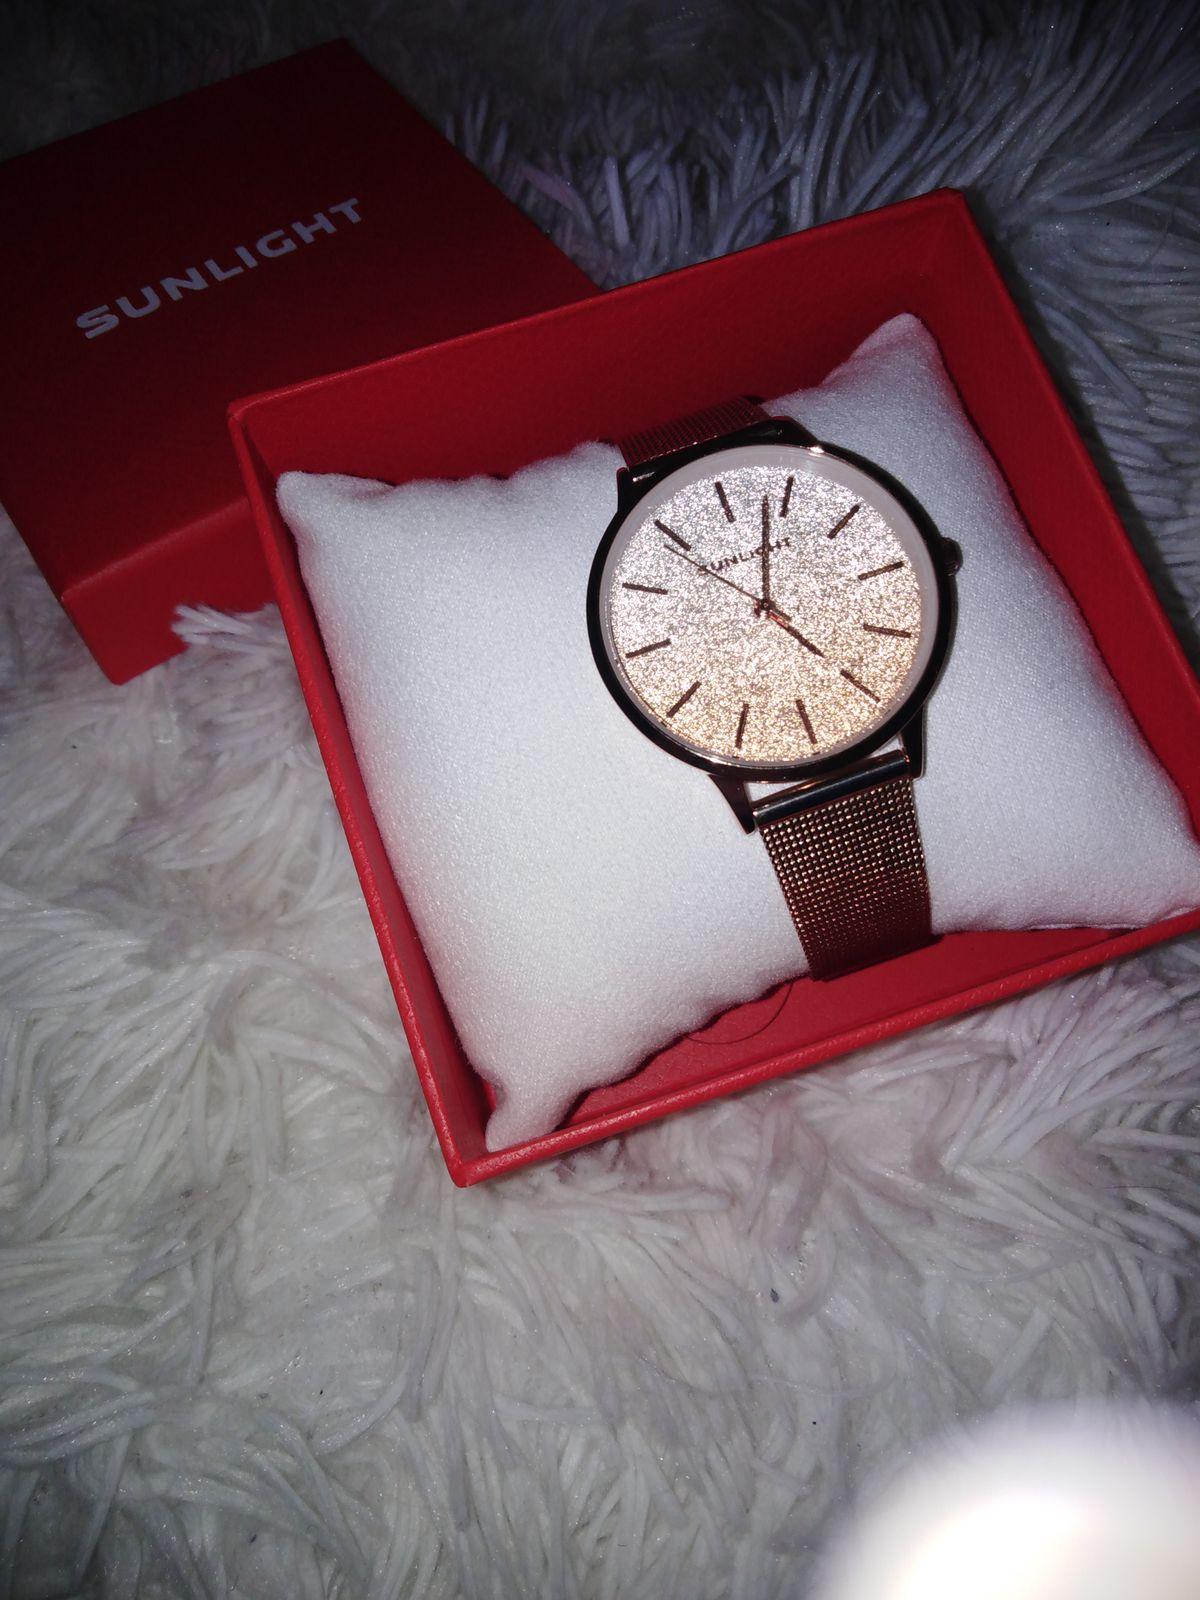 Товар пришёл вовремя, все красиво упаковано, часы такие же как на фото